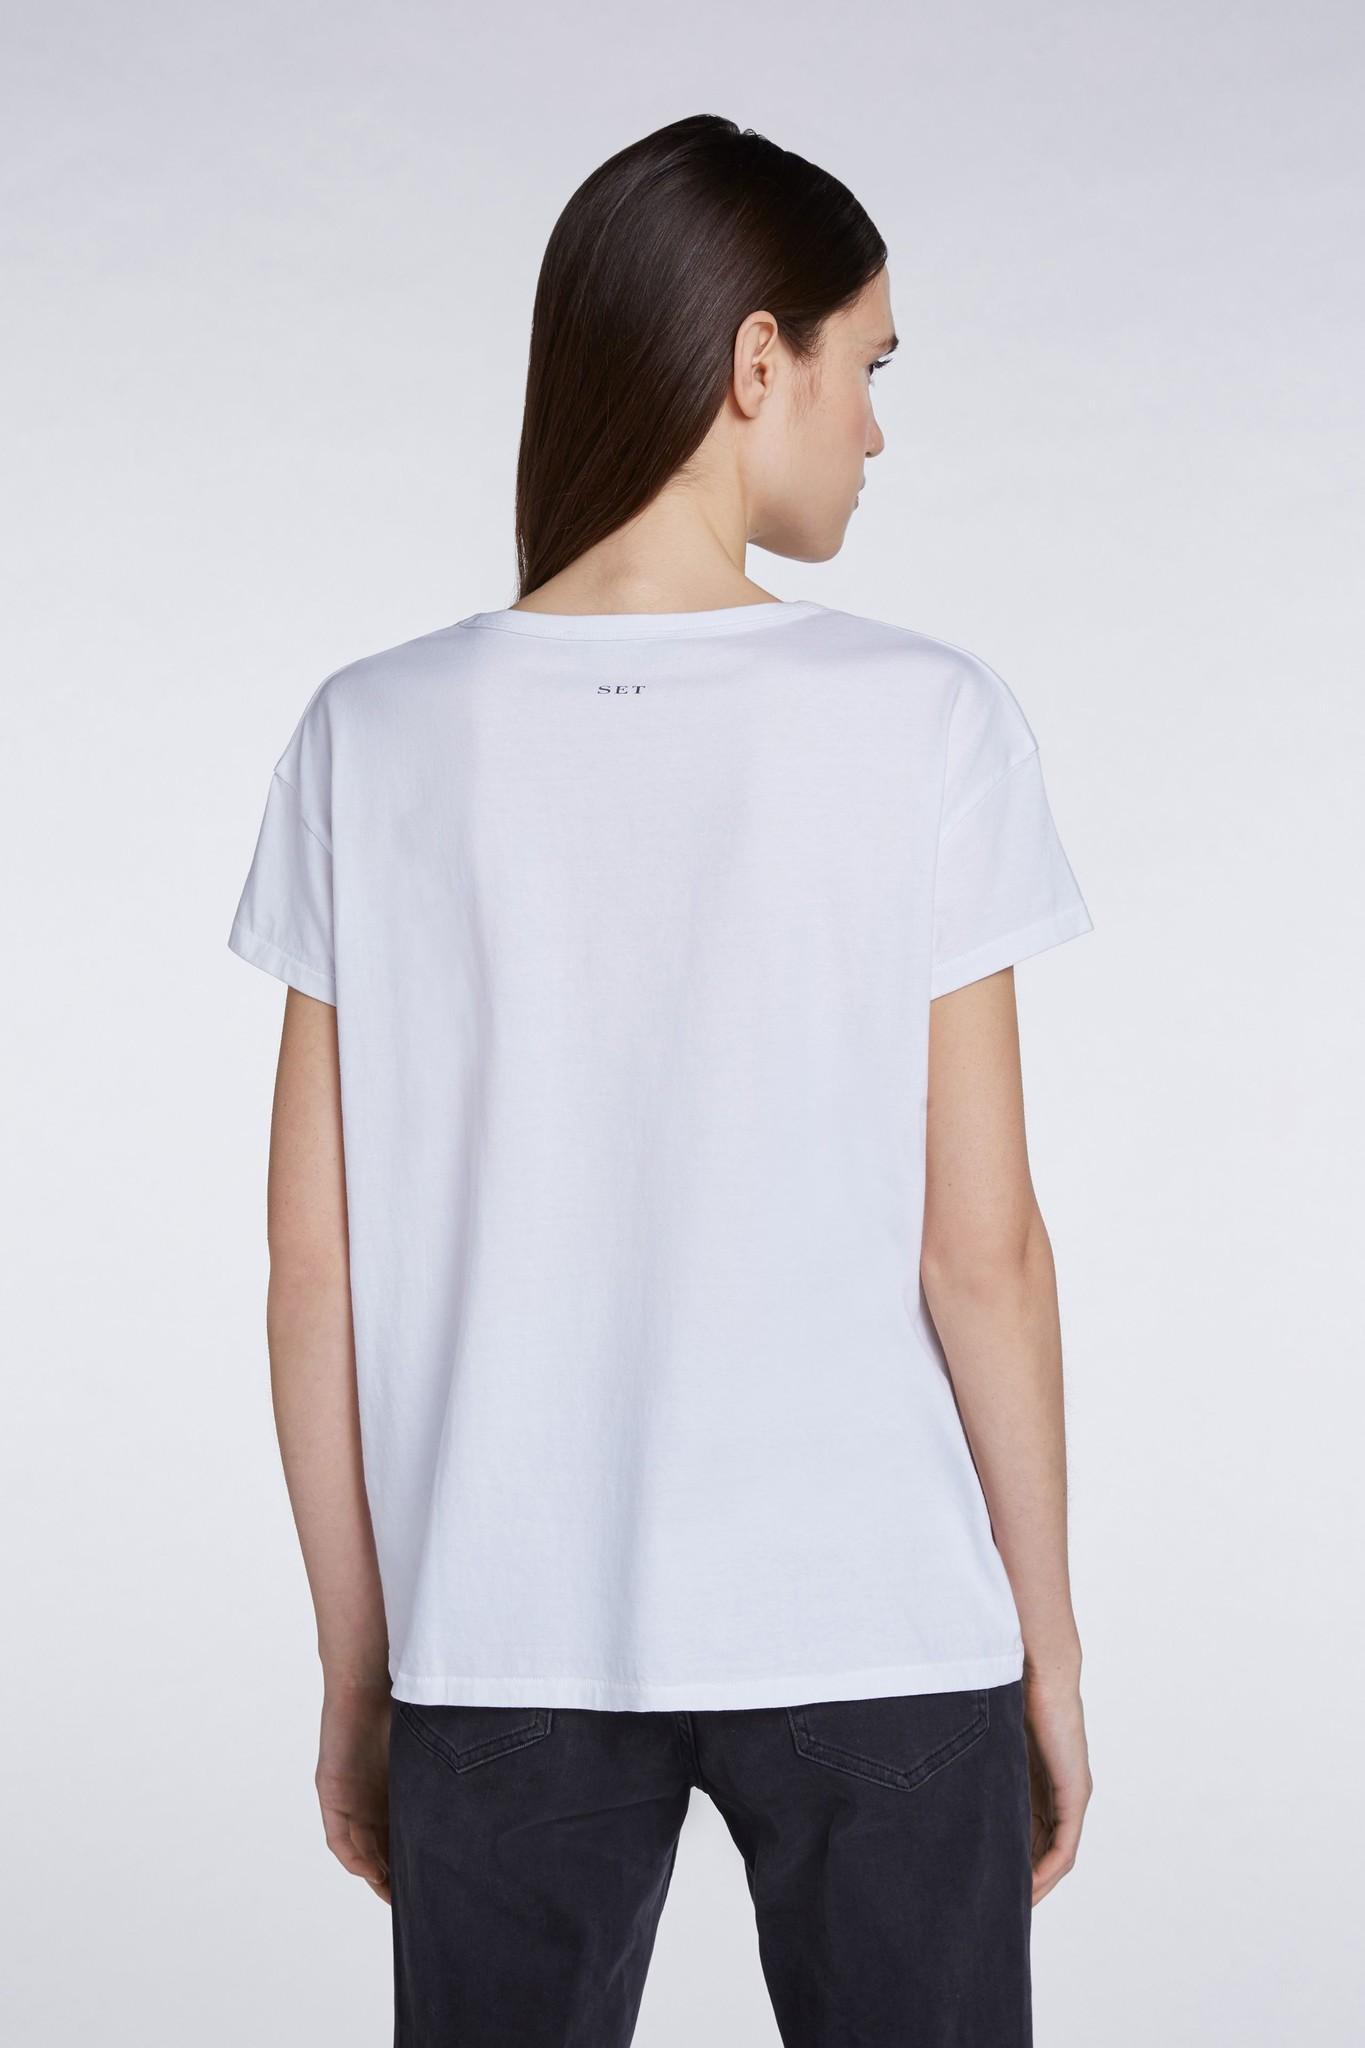 SET shirts 732305110603-2